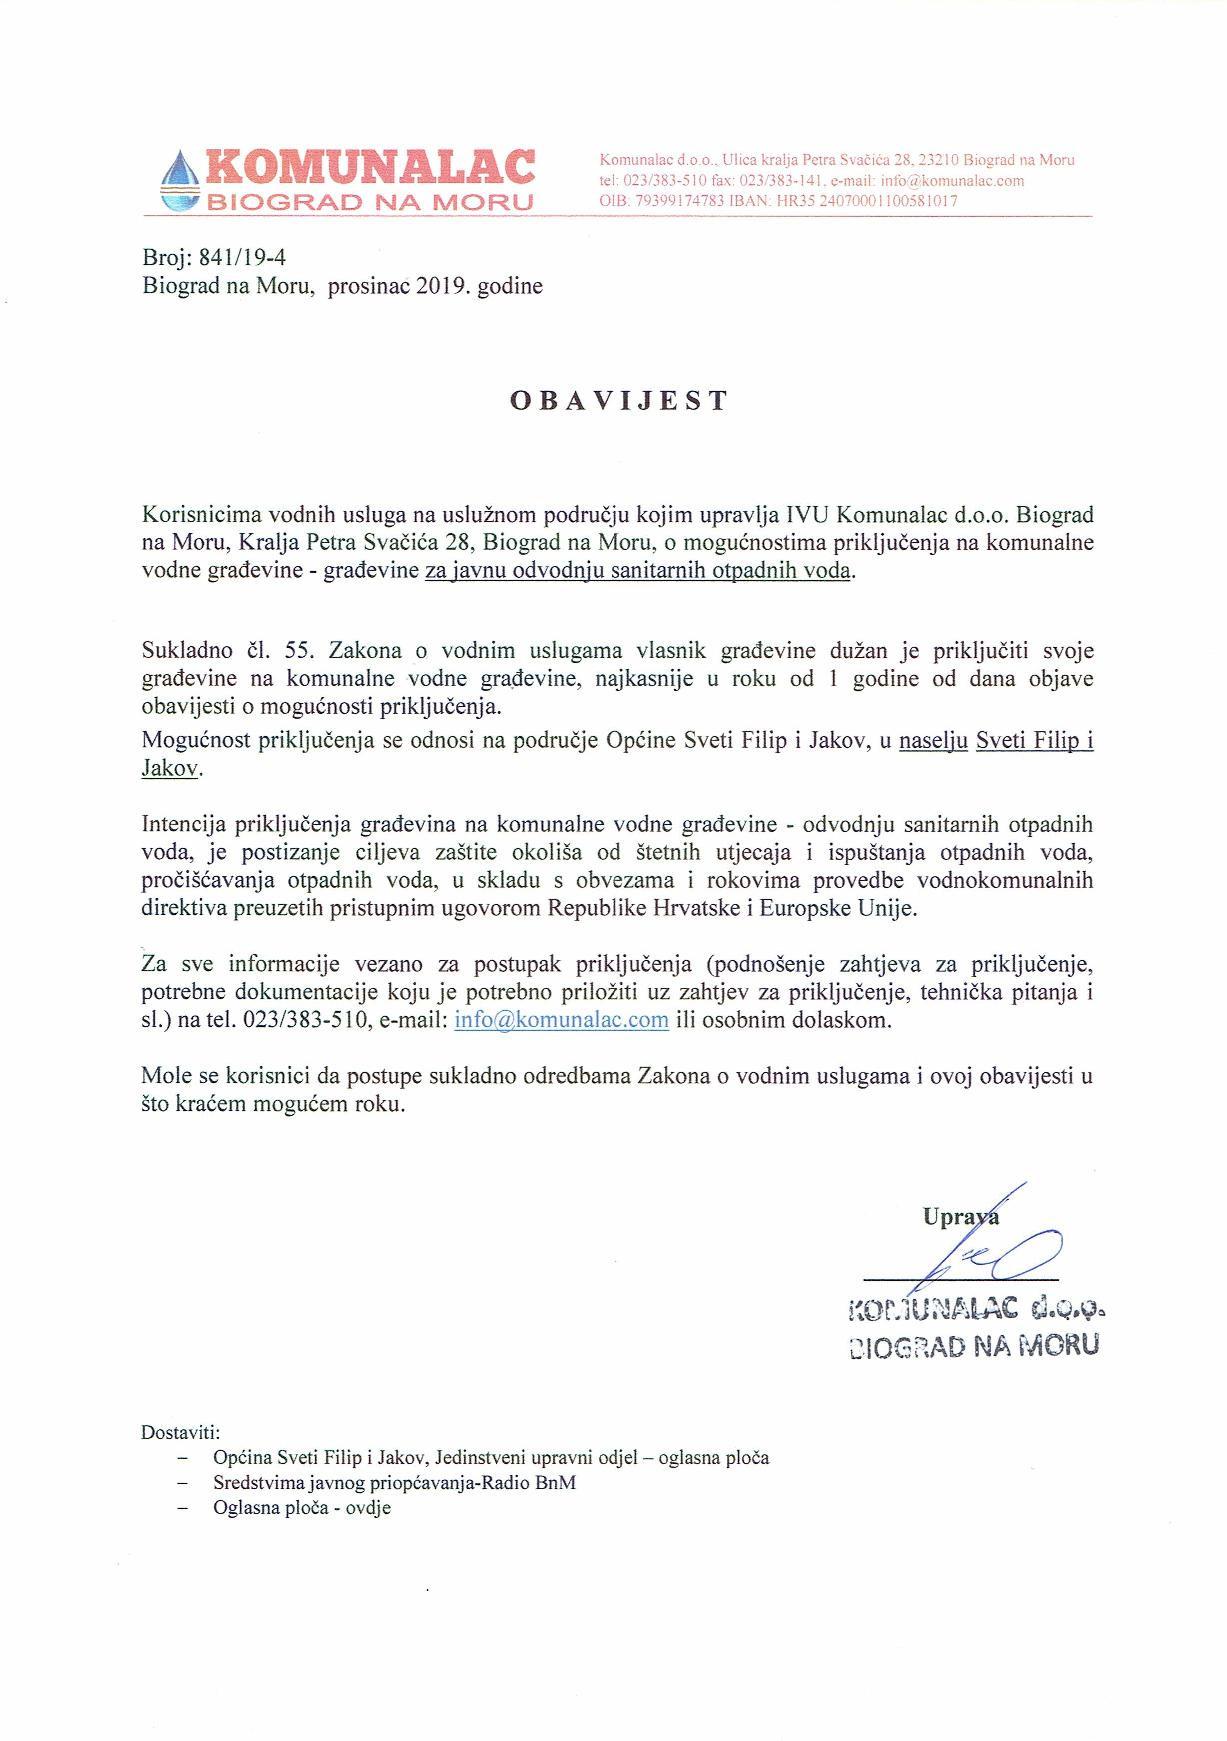 OBAVIJEST - mogućnosti priključenja naselja Sv. Filip i Jakov na komunalne vodne građevine